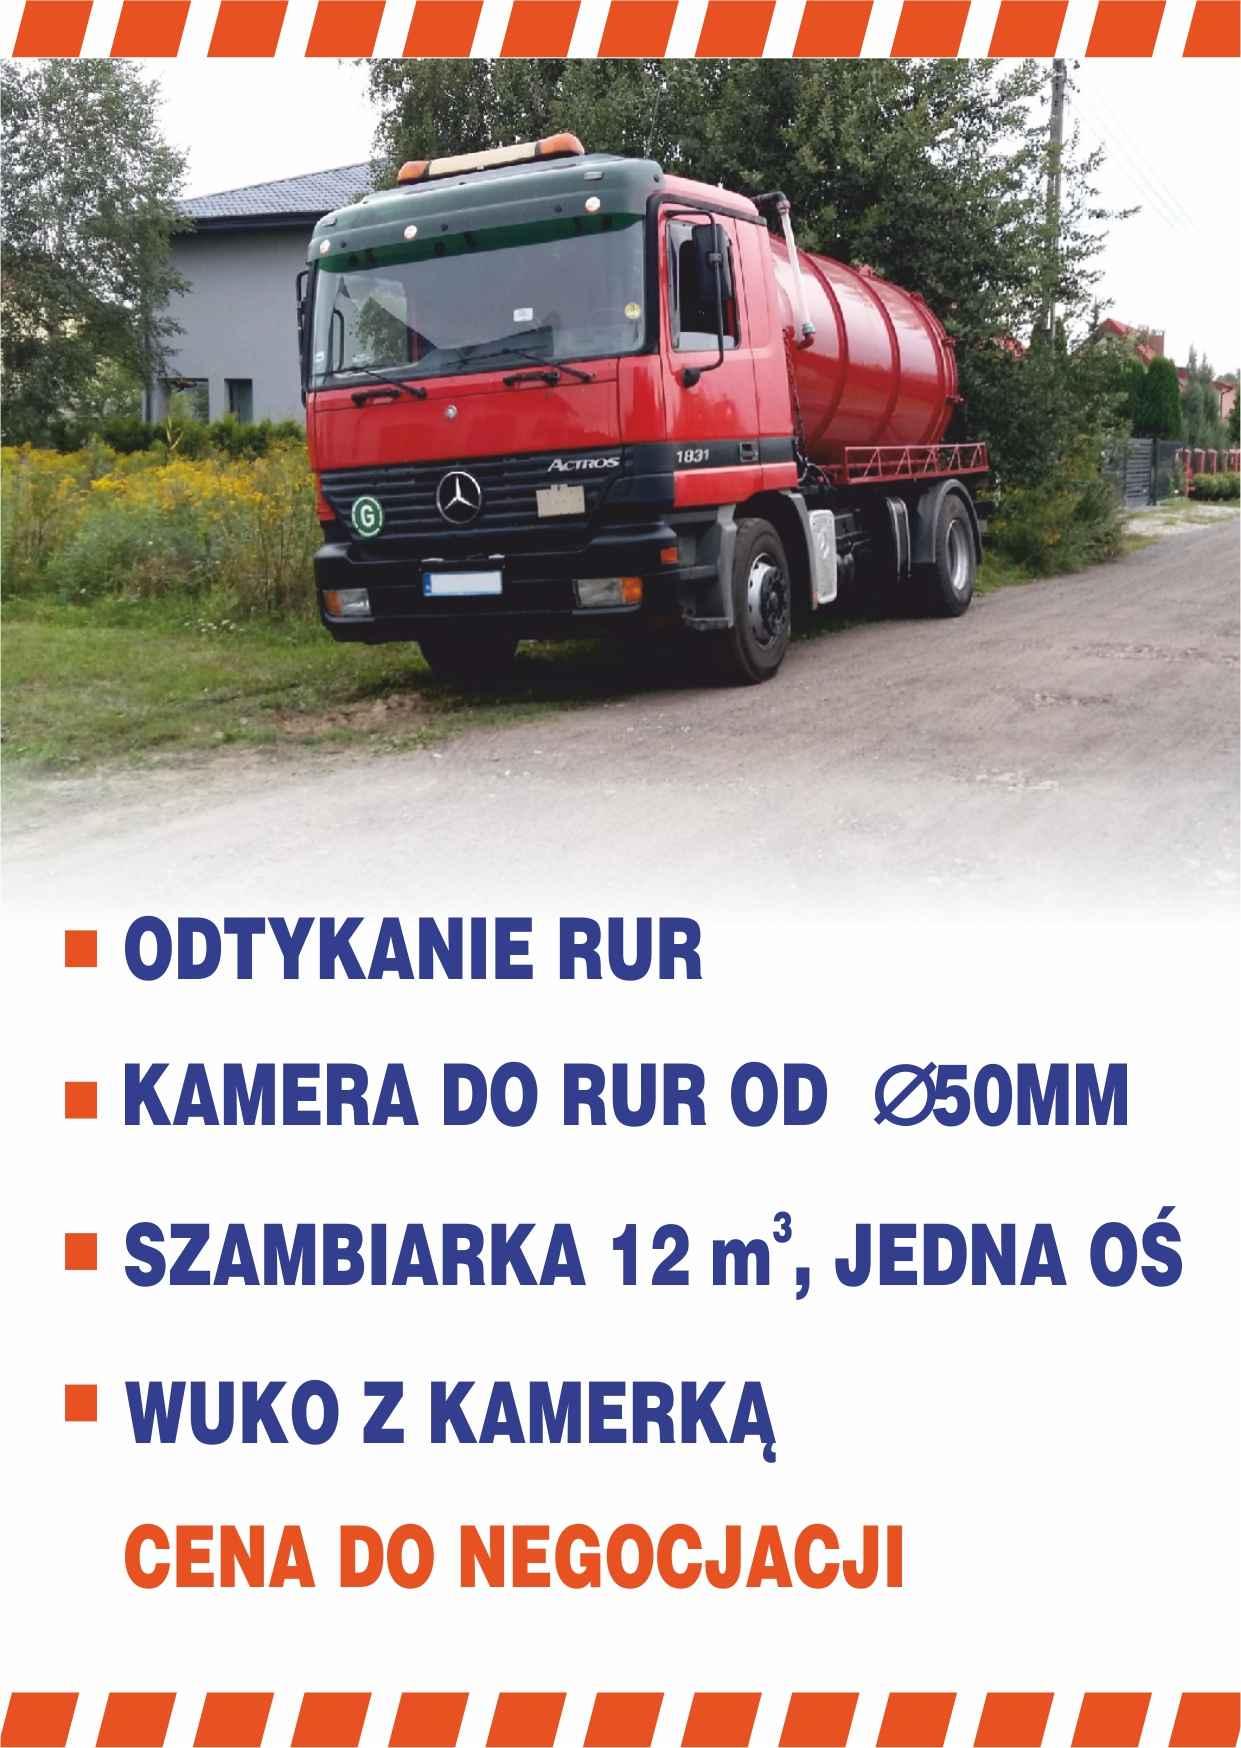 odtykanie rur kanalizacji, Wuko Pomoc kanalizacyjna monitoring kamerą Wołomin - zdjęcie 11